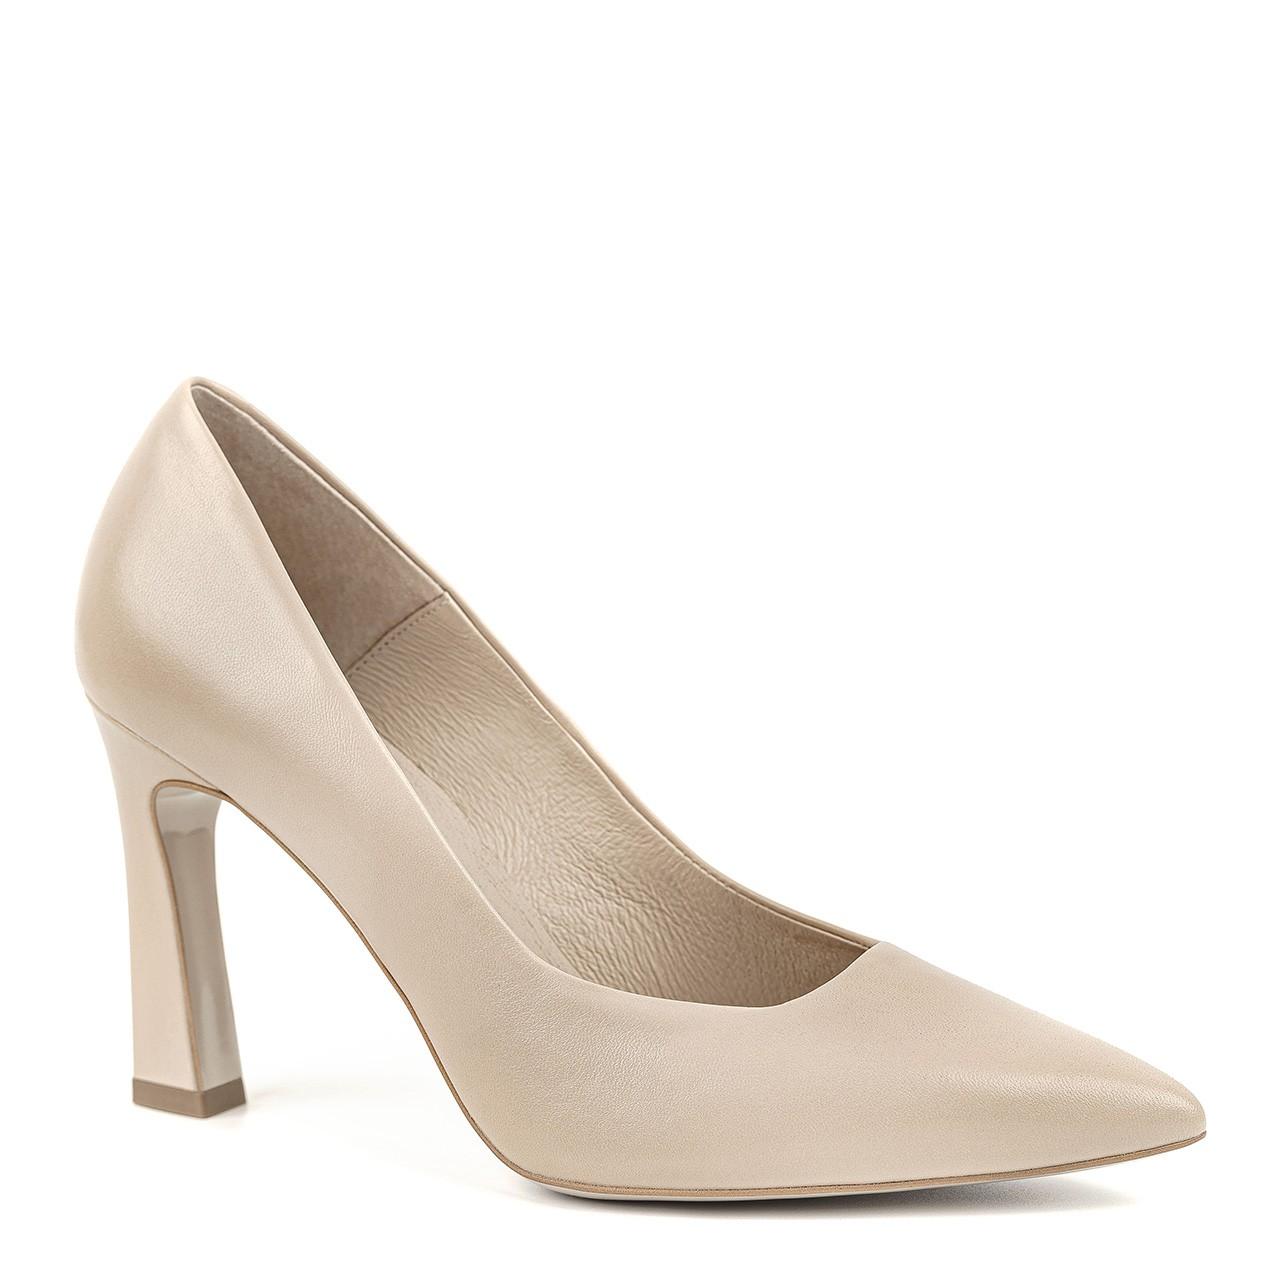 Buty na szpilce w kolorze beżowym z geometrycznym obcasem